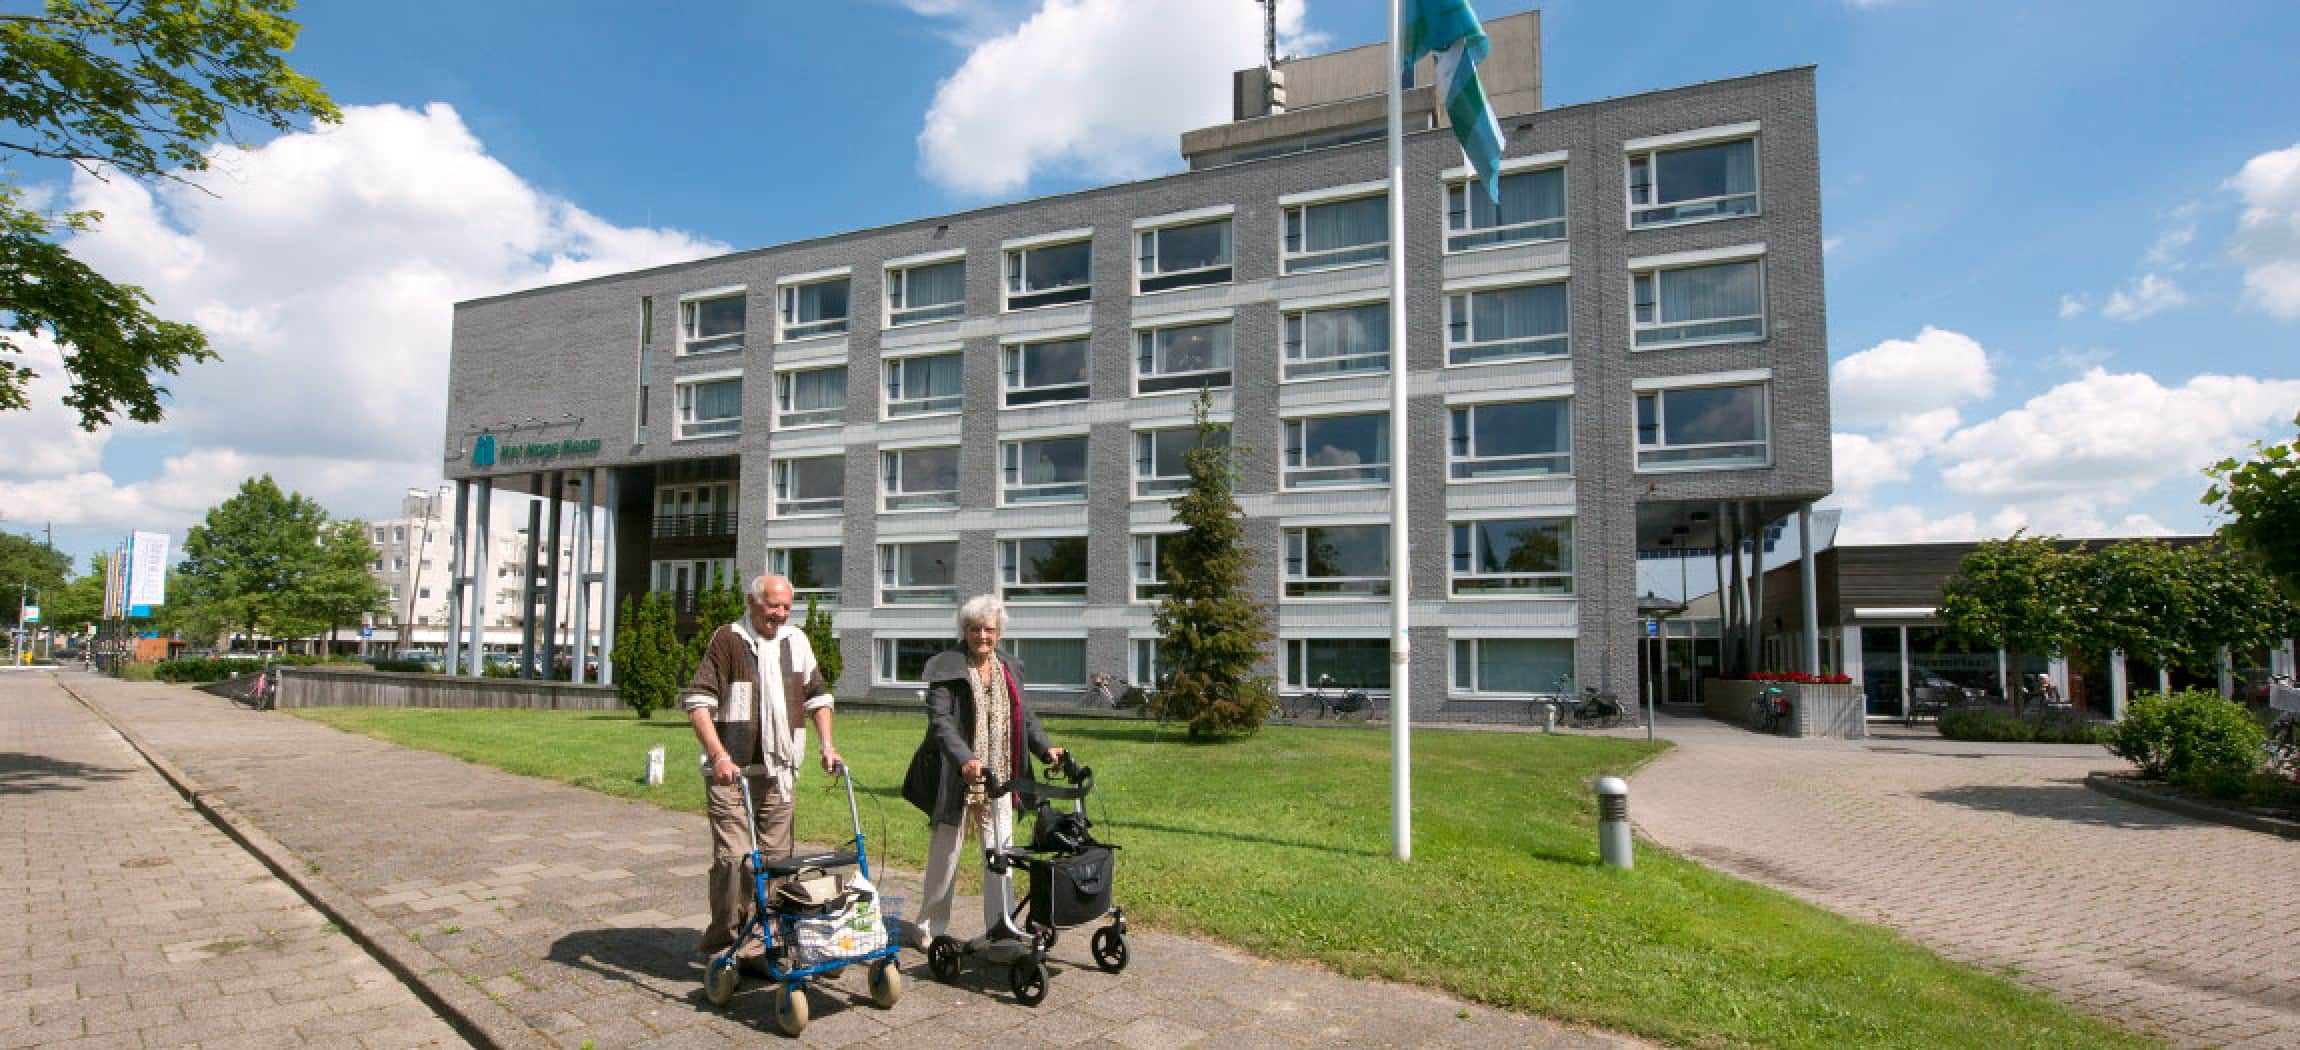 Man en vrouw lopen buiten met rollator op stoep, op achtergrond gebouw Het Hoge Heem in Uithoorn